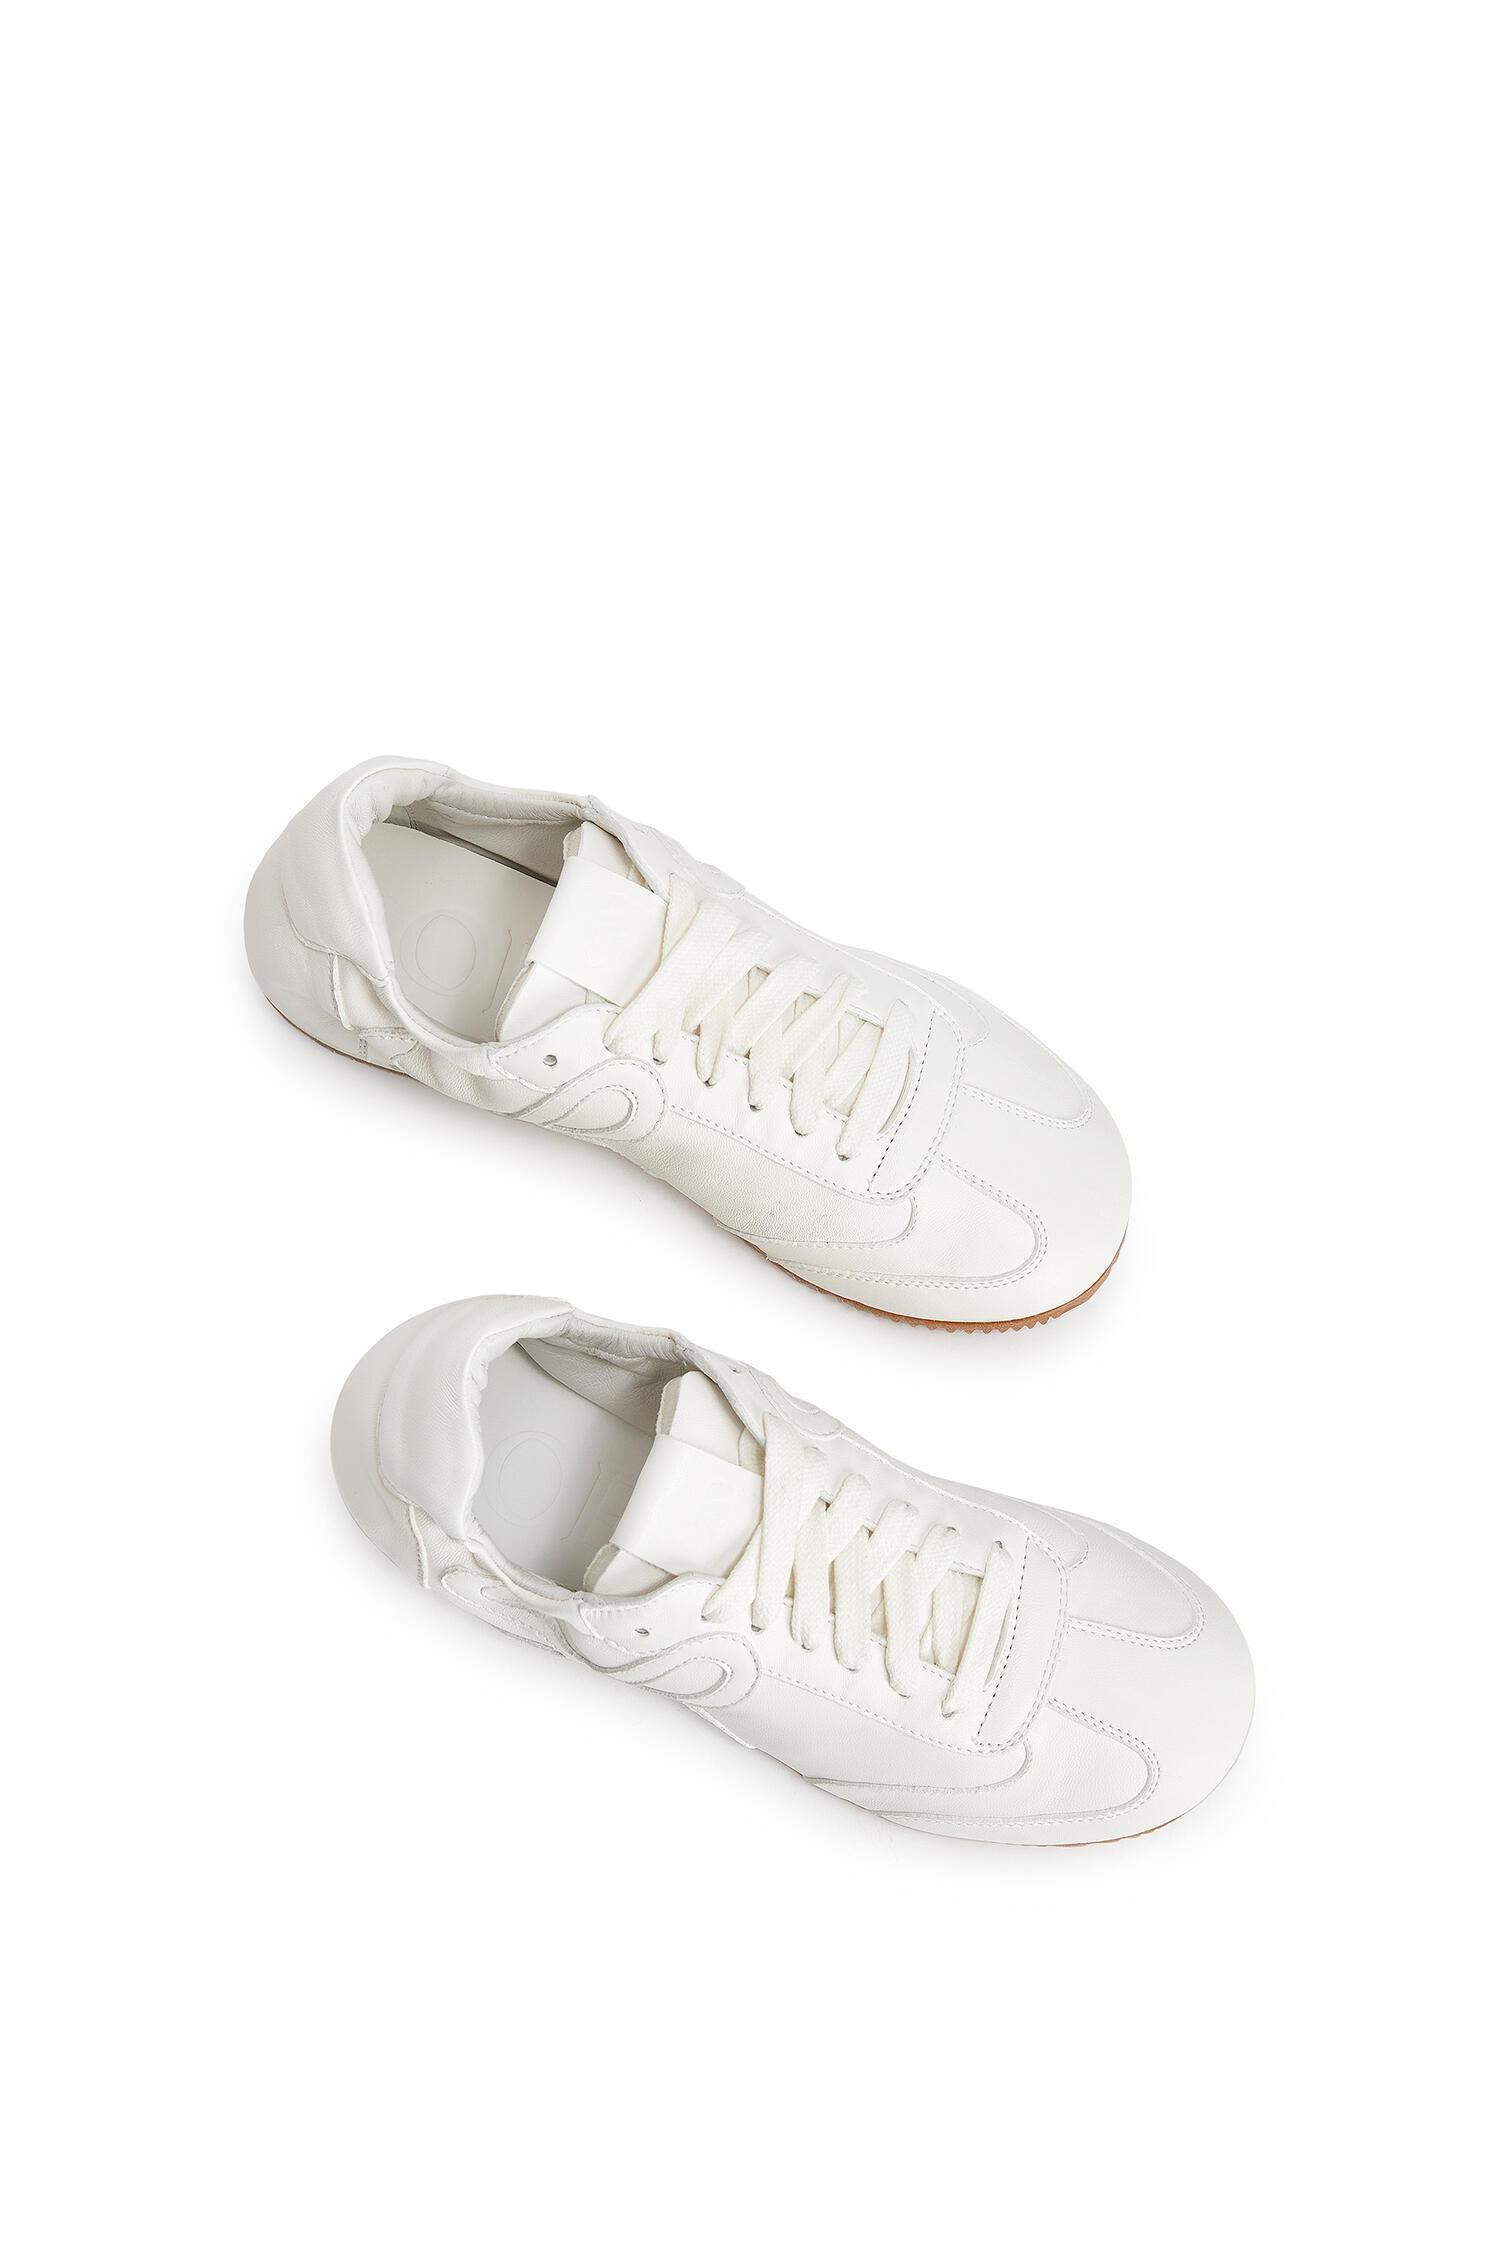 5. kép: LOEWE sneaker